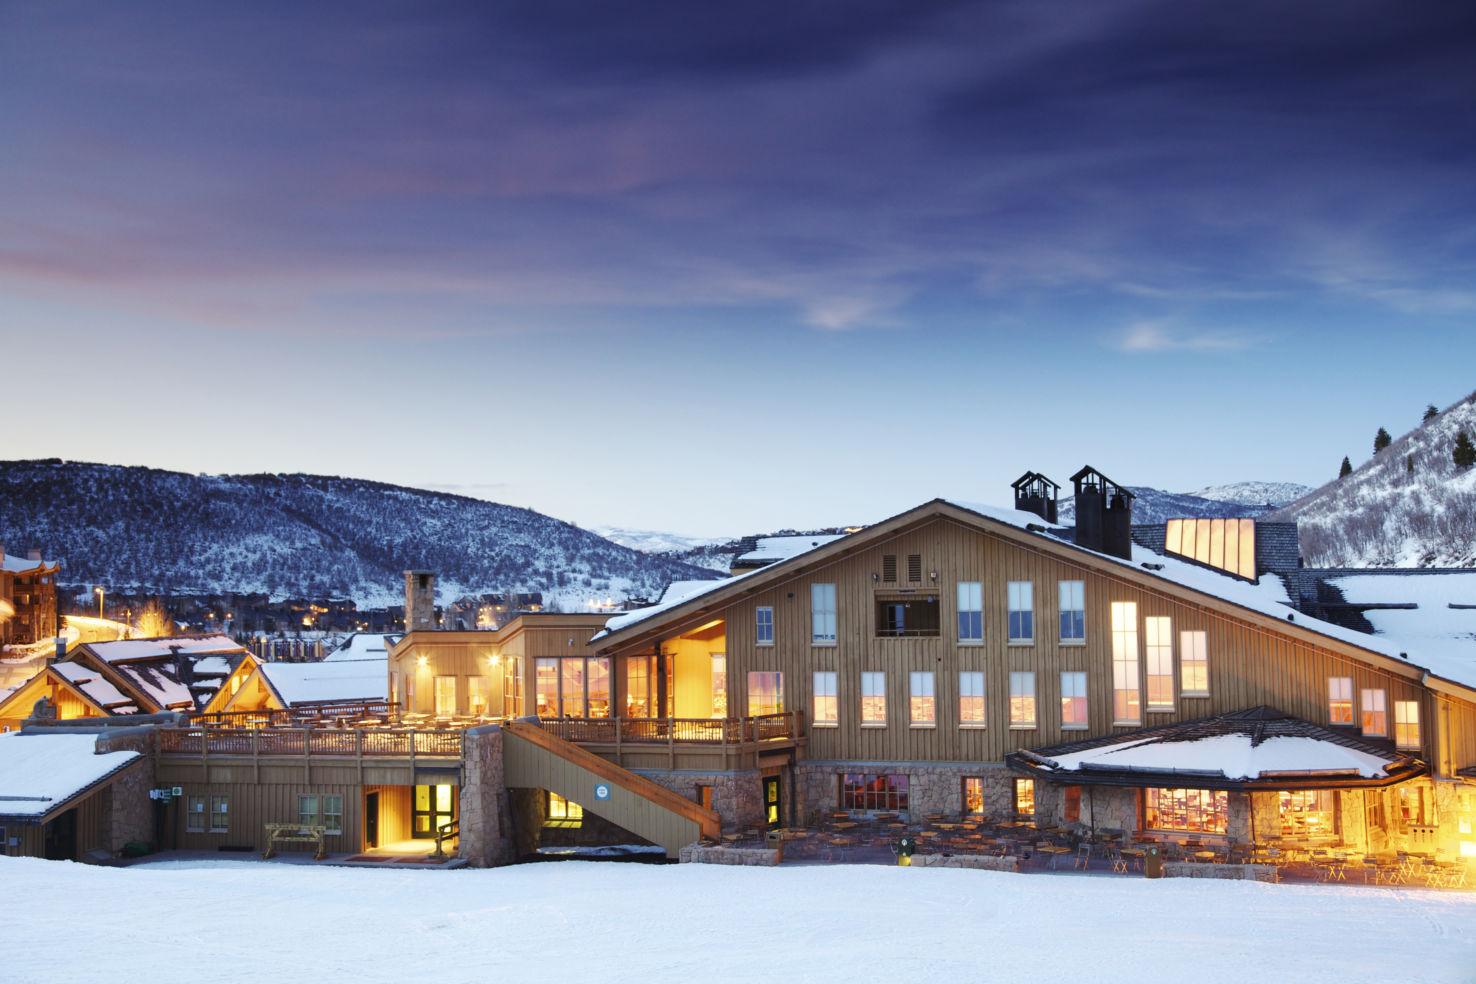 Deer Valley Ski Resort Lodge